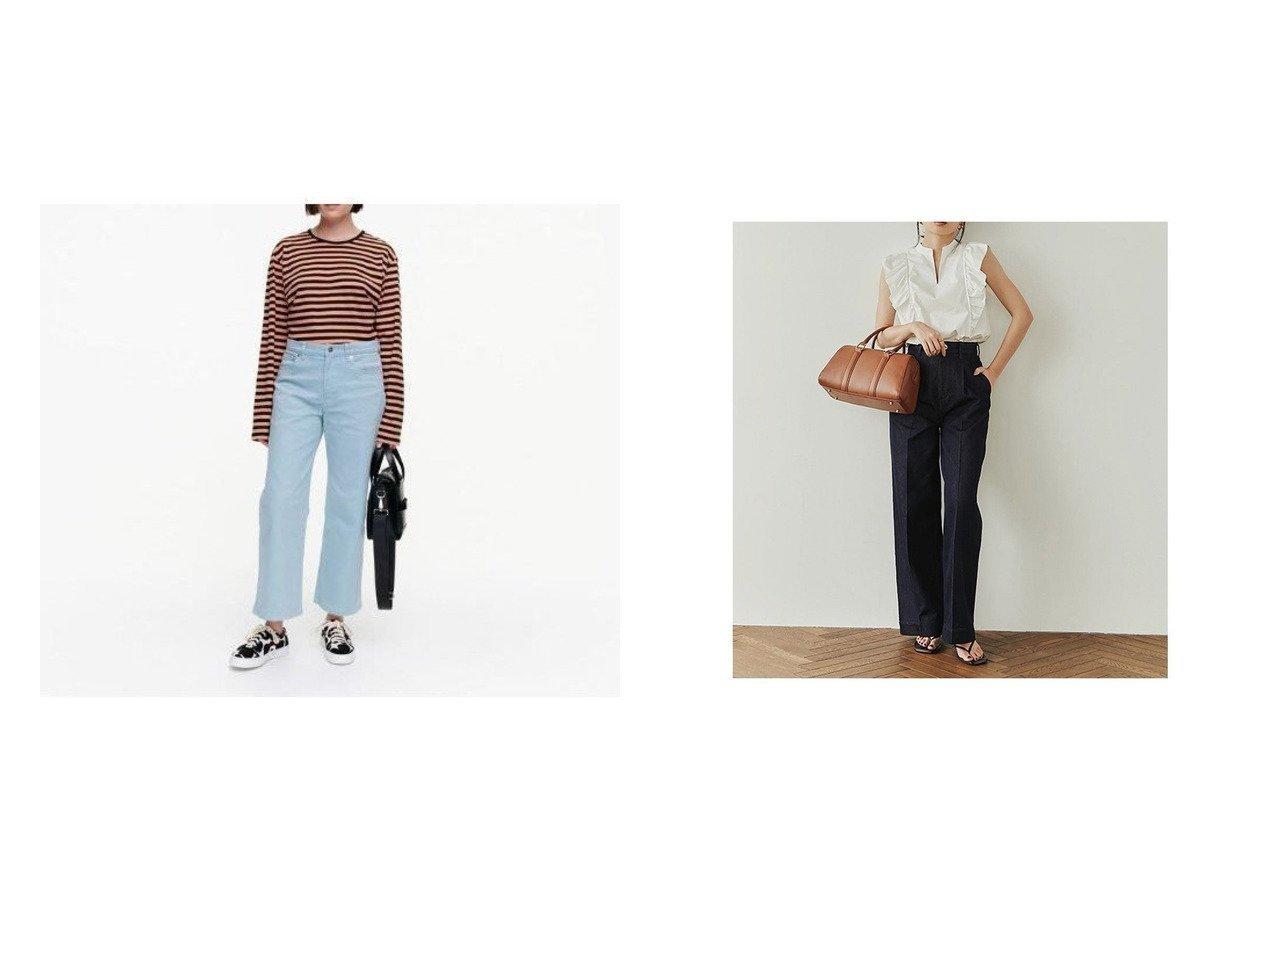 【anuans/アニュアンス】のタックワイドデニムパンツ&【marimekko/マリメッコ】のHopeatapla solid パンツ おすすめ!人気、トレンド・レディースファッションの通販 おすすめで人気の流行・トレンド、ファッションの通販商品 インテリア・家具・メンズファッション・キッズファッション・レディースファッション・服の通販 founy(ファニー) https://founy.com/ ファッション Fashion レディースファッション WOMEN パンツ Pants デニムパンツ Denim Pants おすすめ Recommend カットソー チュニック デニム ポケット リラックス ワイド 定番 Standard インディゴ センター |ID:crp329100000060413